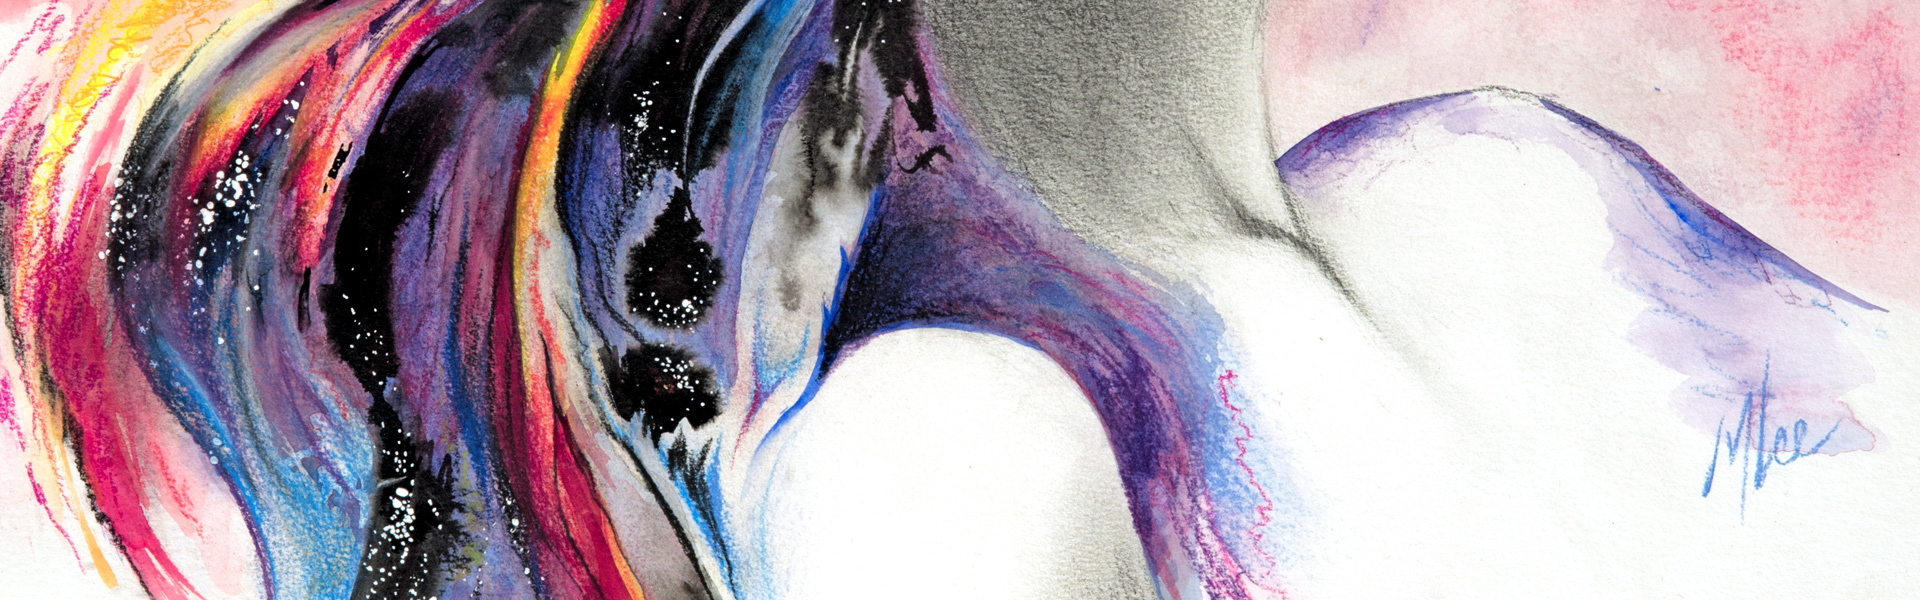 mixed media painting, 18x24